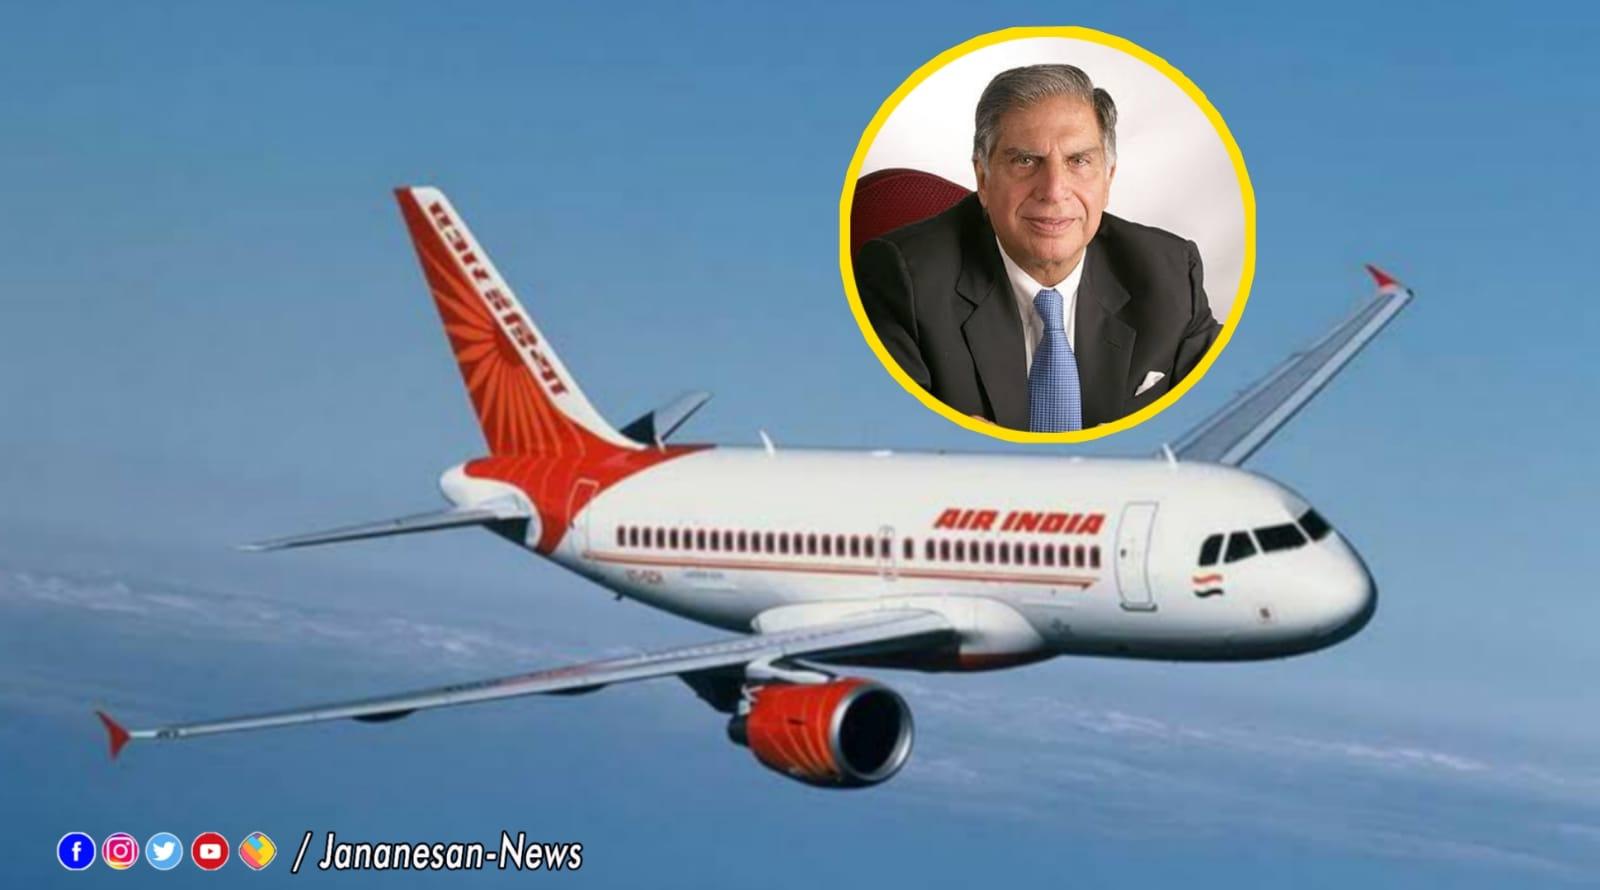 68 ஆண்டுகளுக்கு பிறகு மீண்டும் டாடா நிறுவனத்தின் வசம் செல்கிறது 'ஏர் இந்தியா'..!